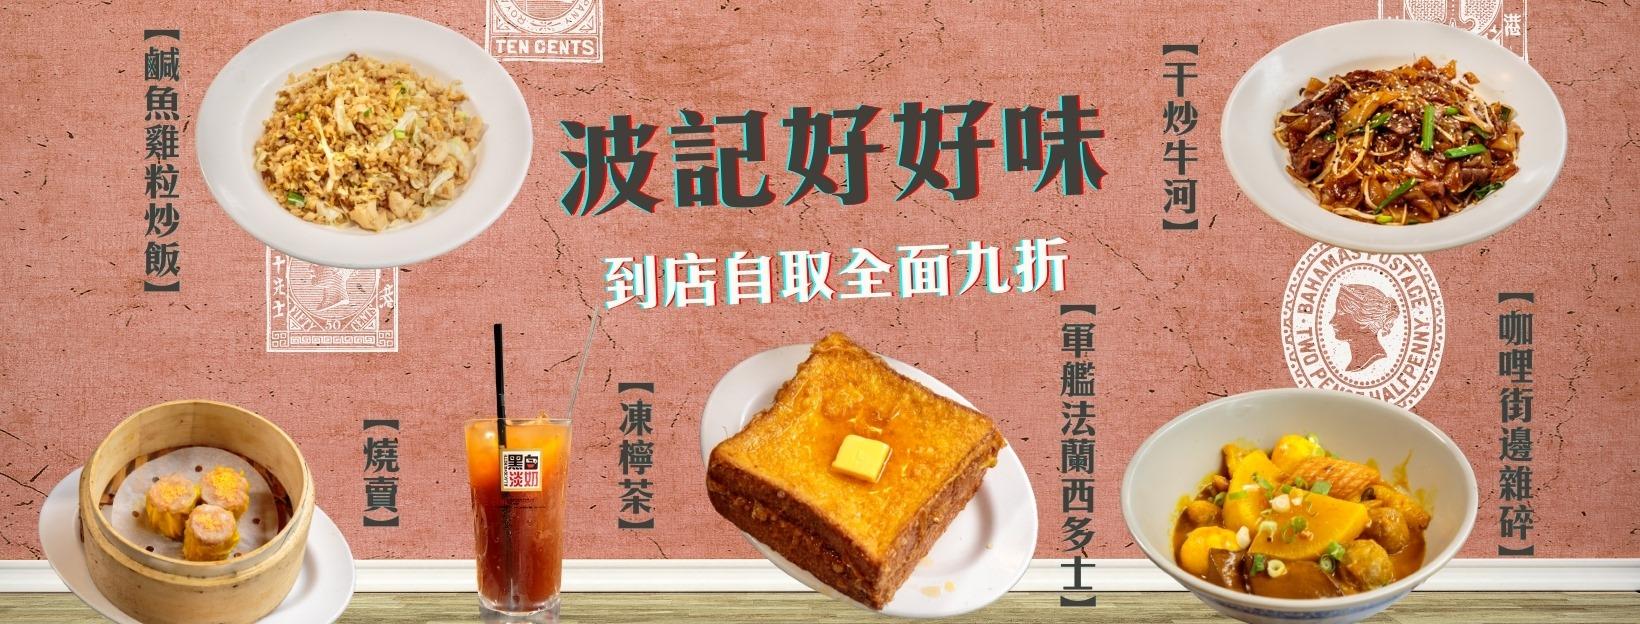 台北外帶美食 優惠餐廳總整理 防疫期間外帶優惠總整理! 連鎖品牌外帶優惠懶人包 78